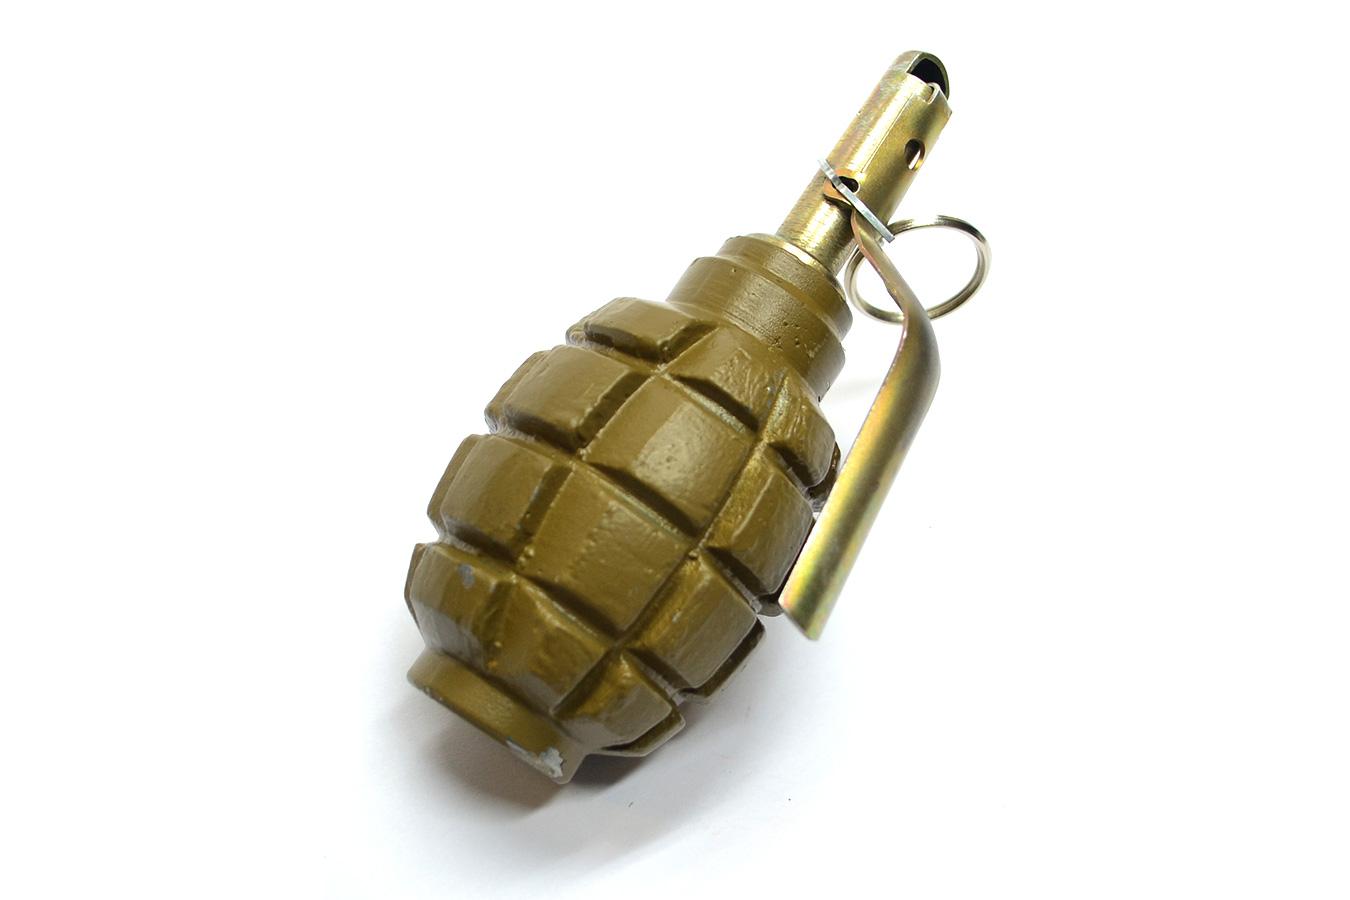 Макет ручной гранаты Ф1 учебно-тренировочный